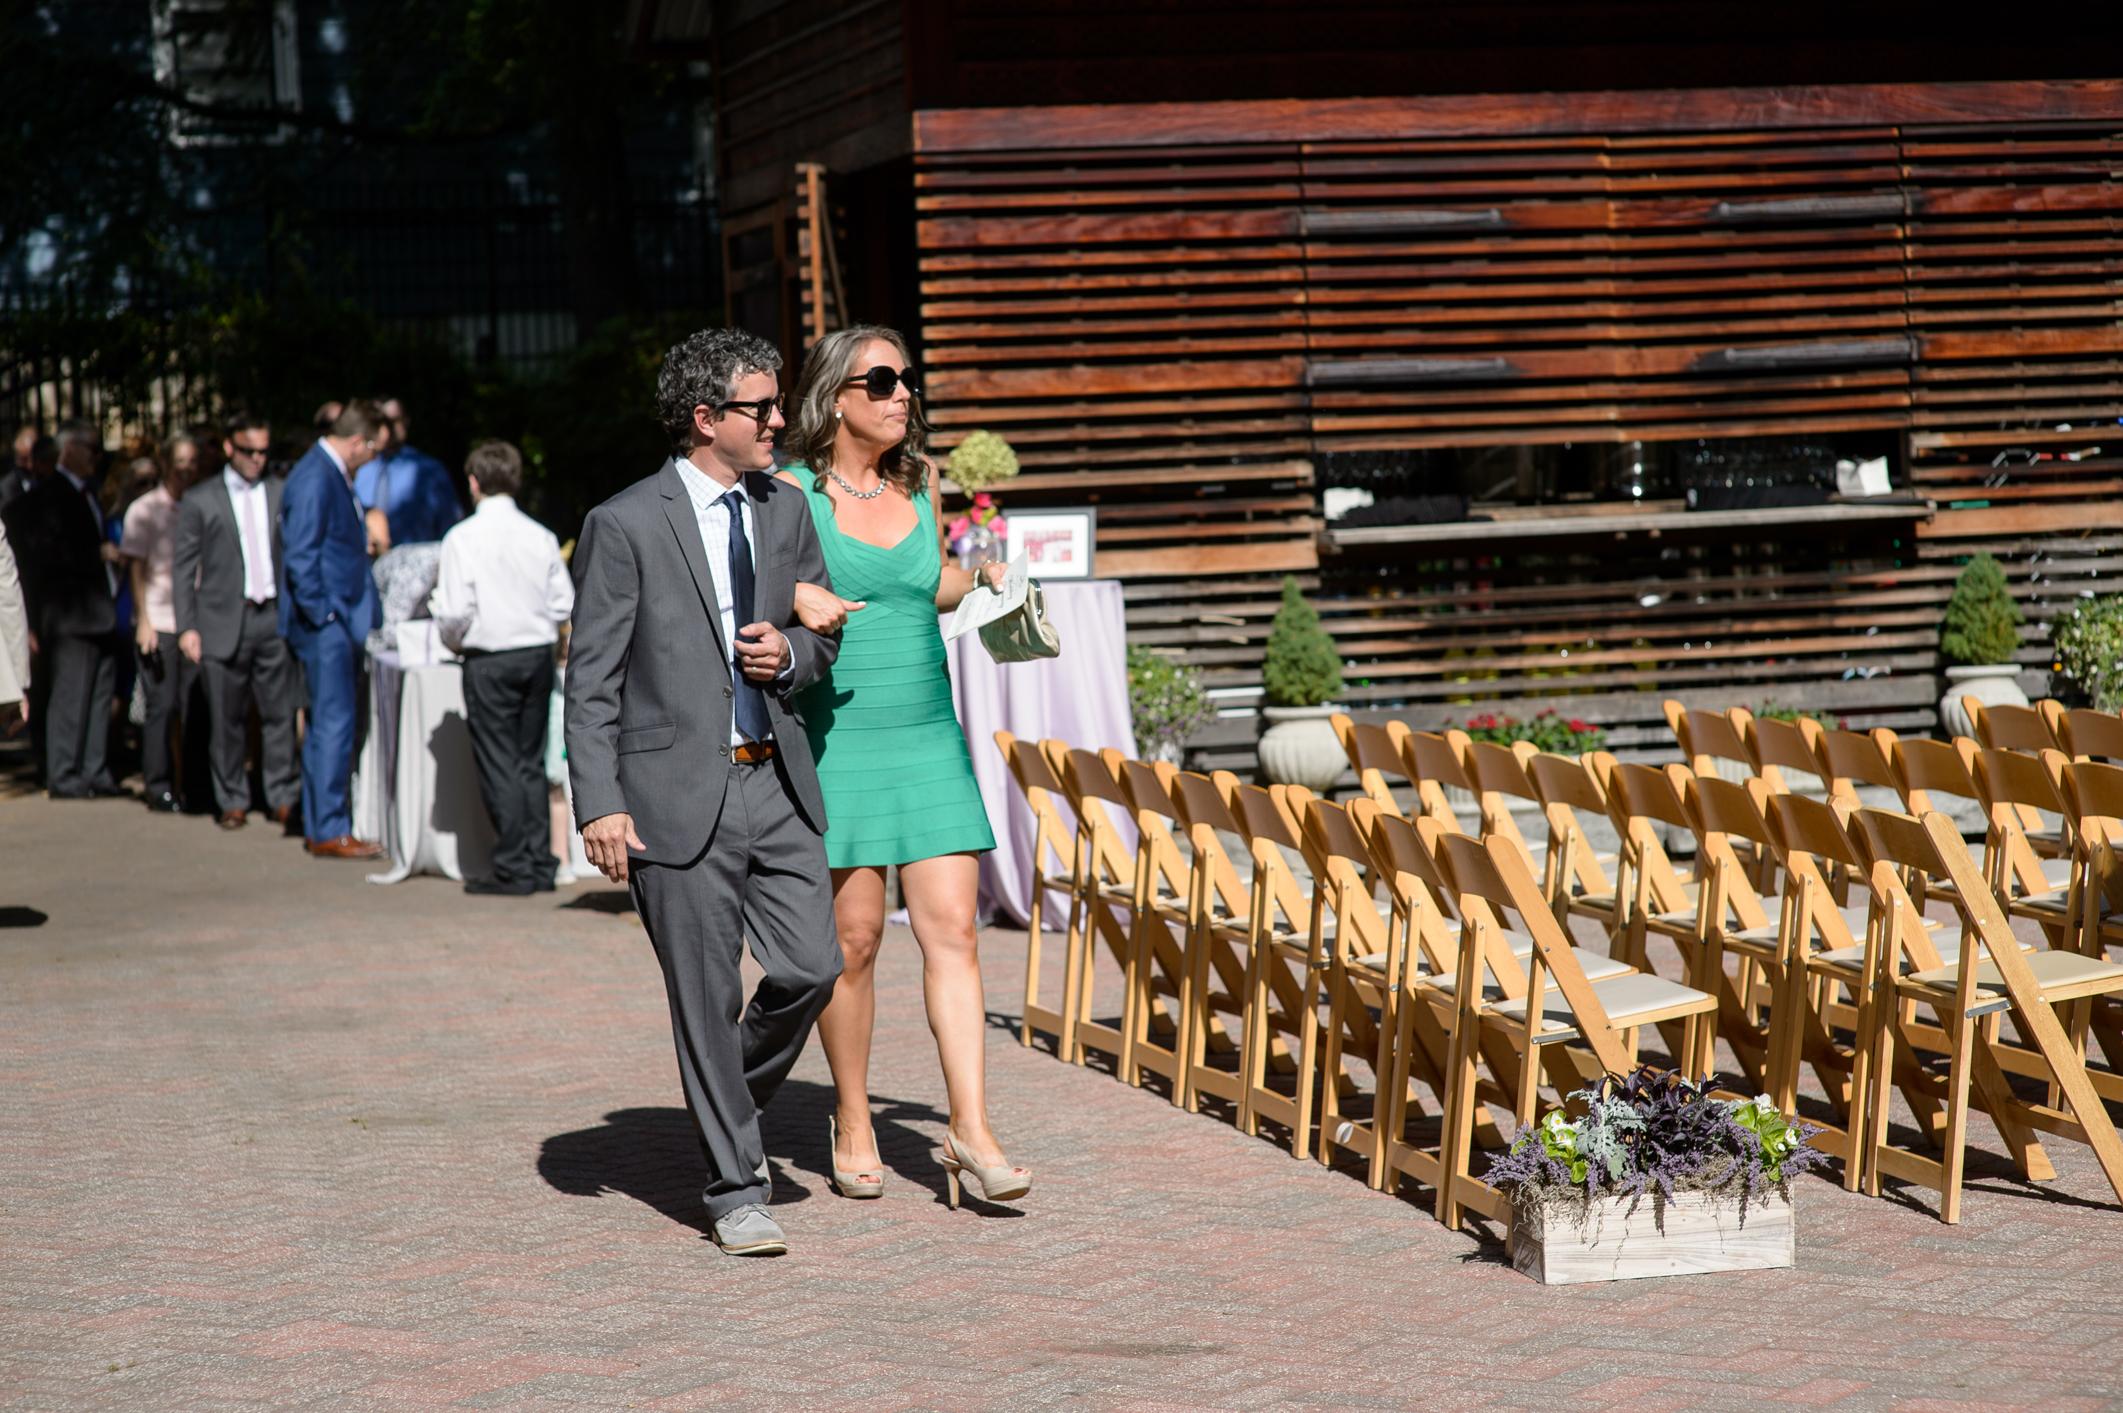 trolley barn wedding-57.JPG